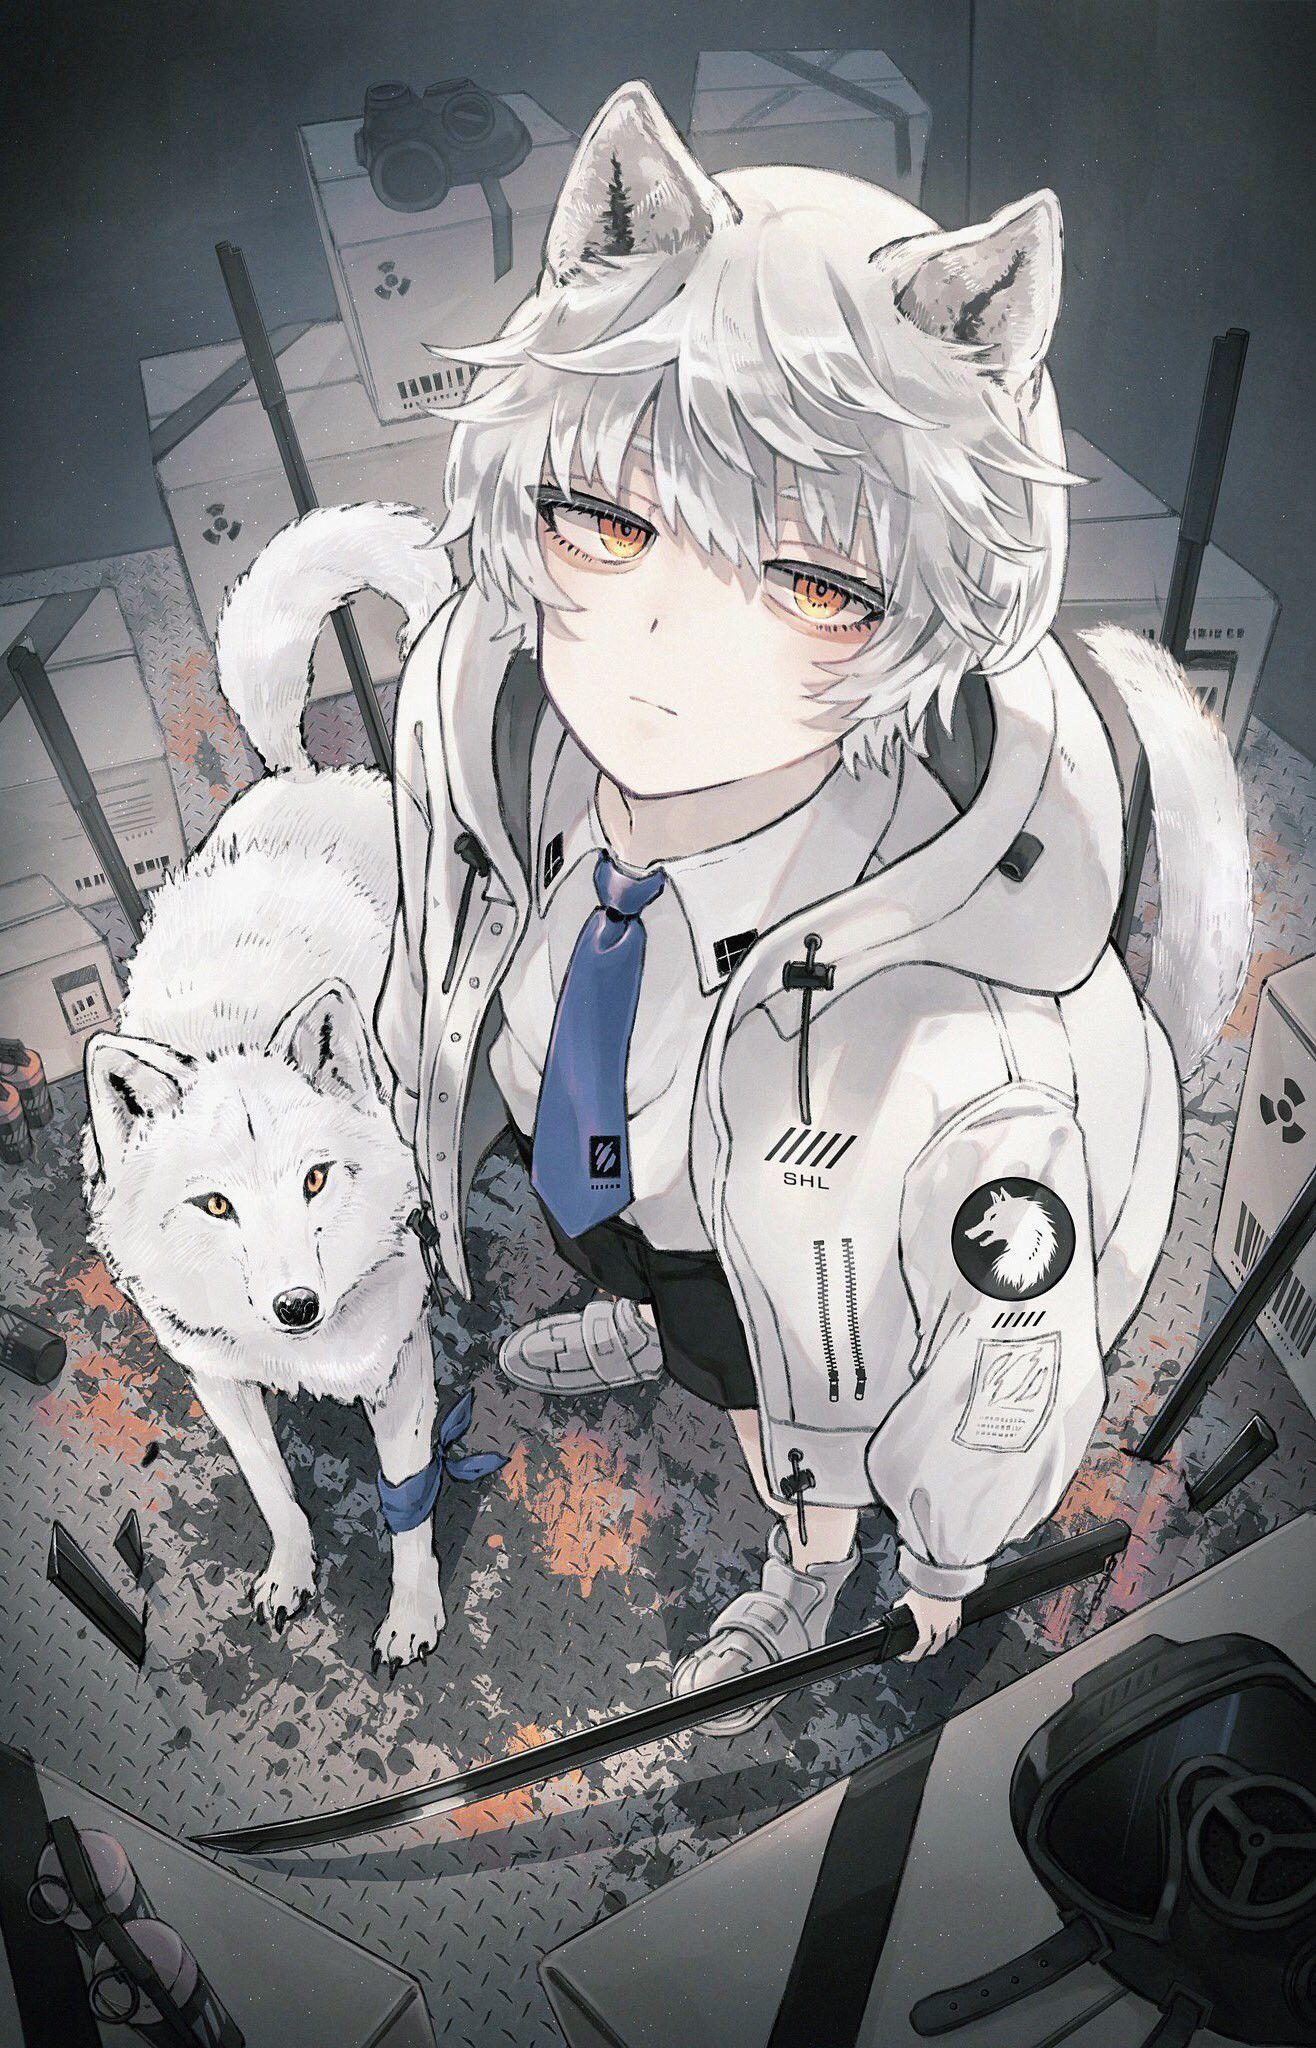 Süße Anime